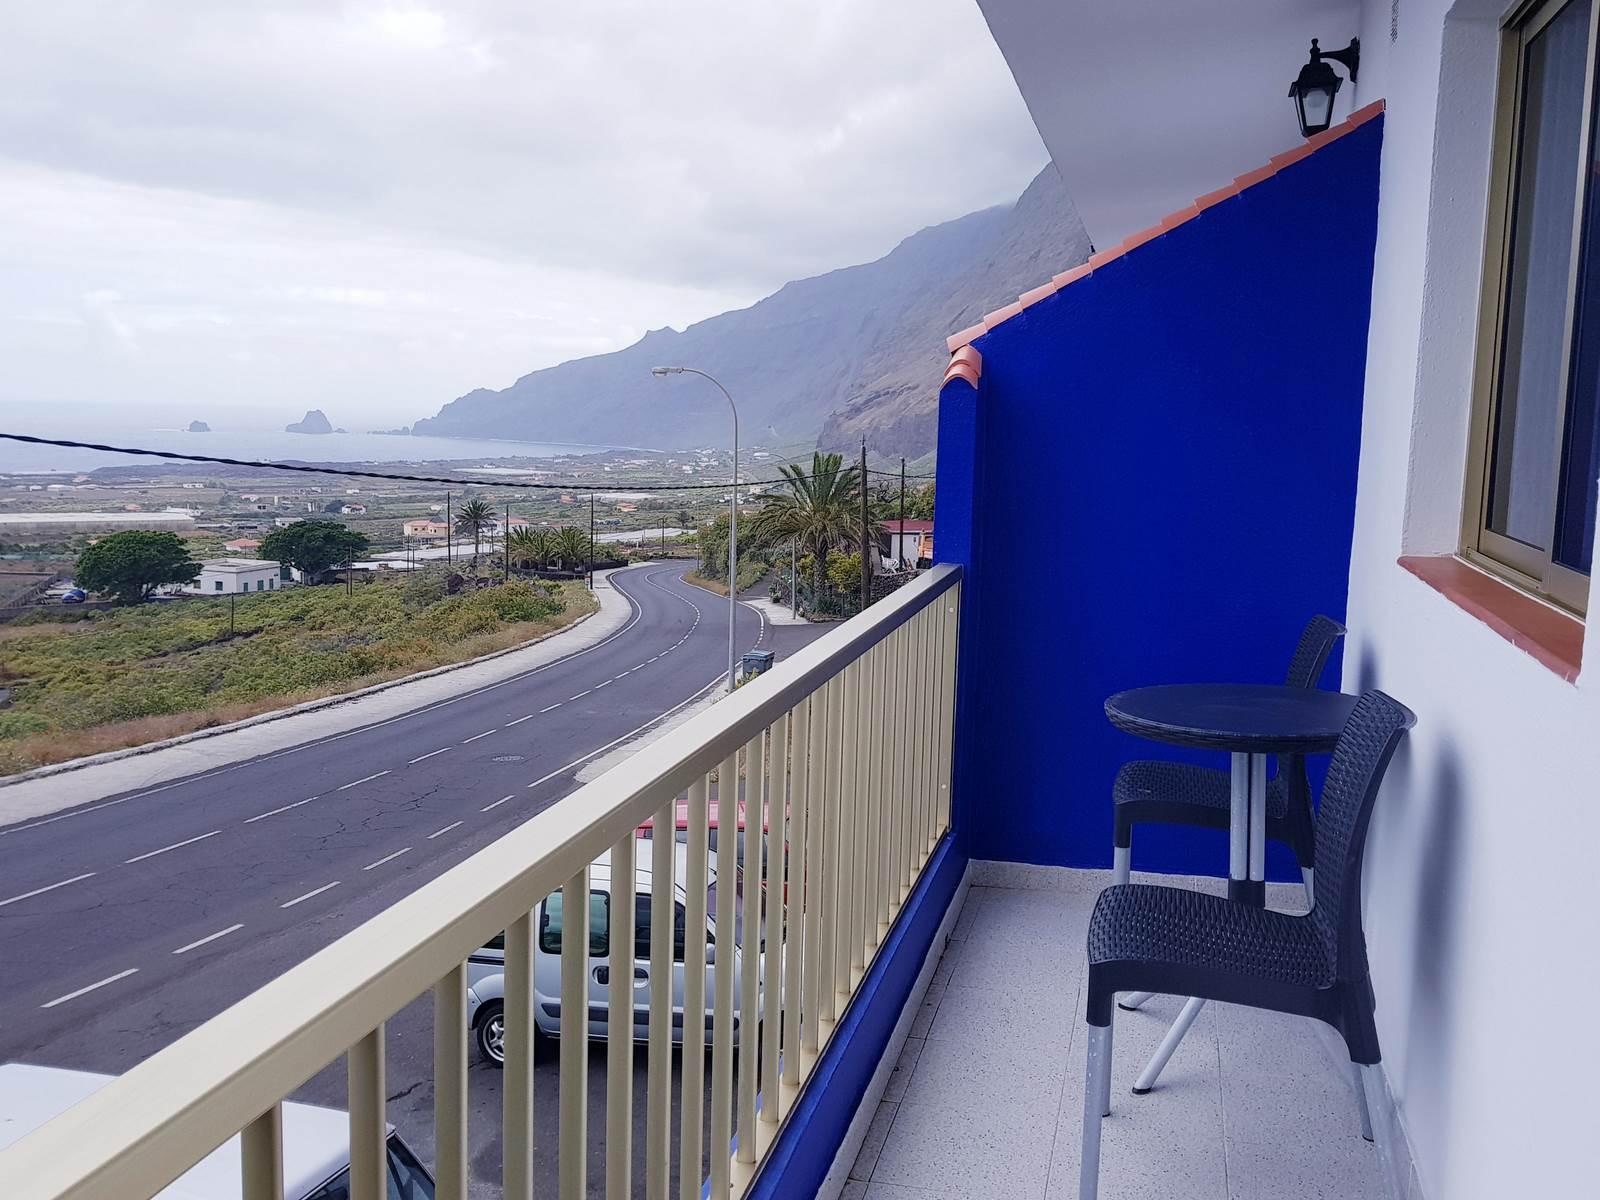 Alquiler vacaciones en Frontera, Santa Cruz de Tenerife